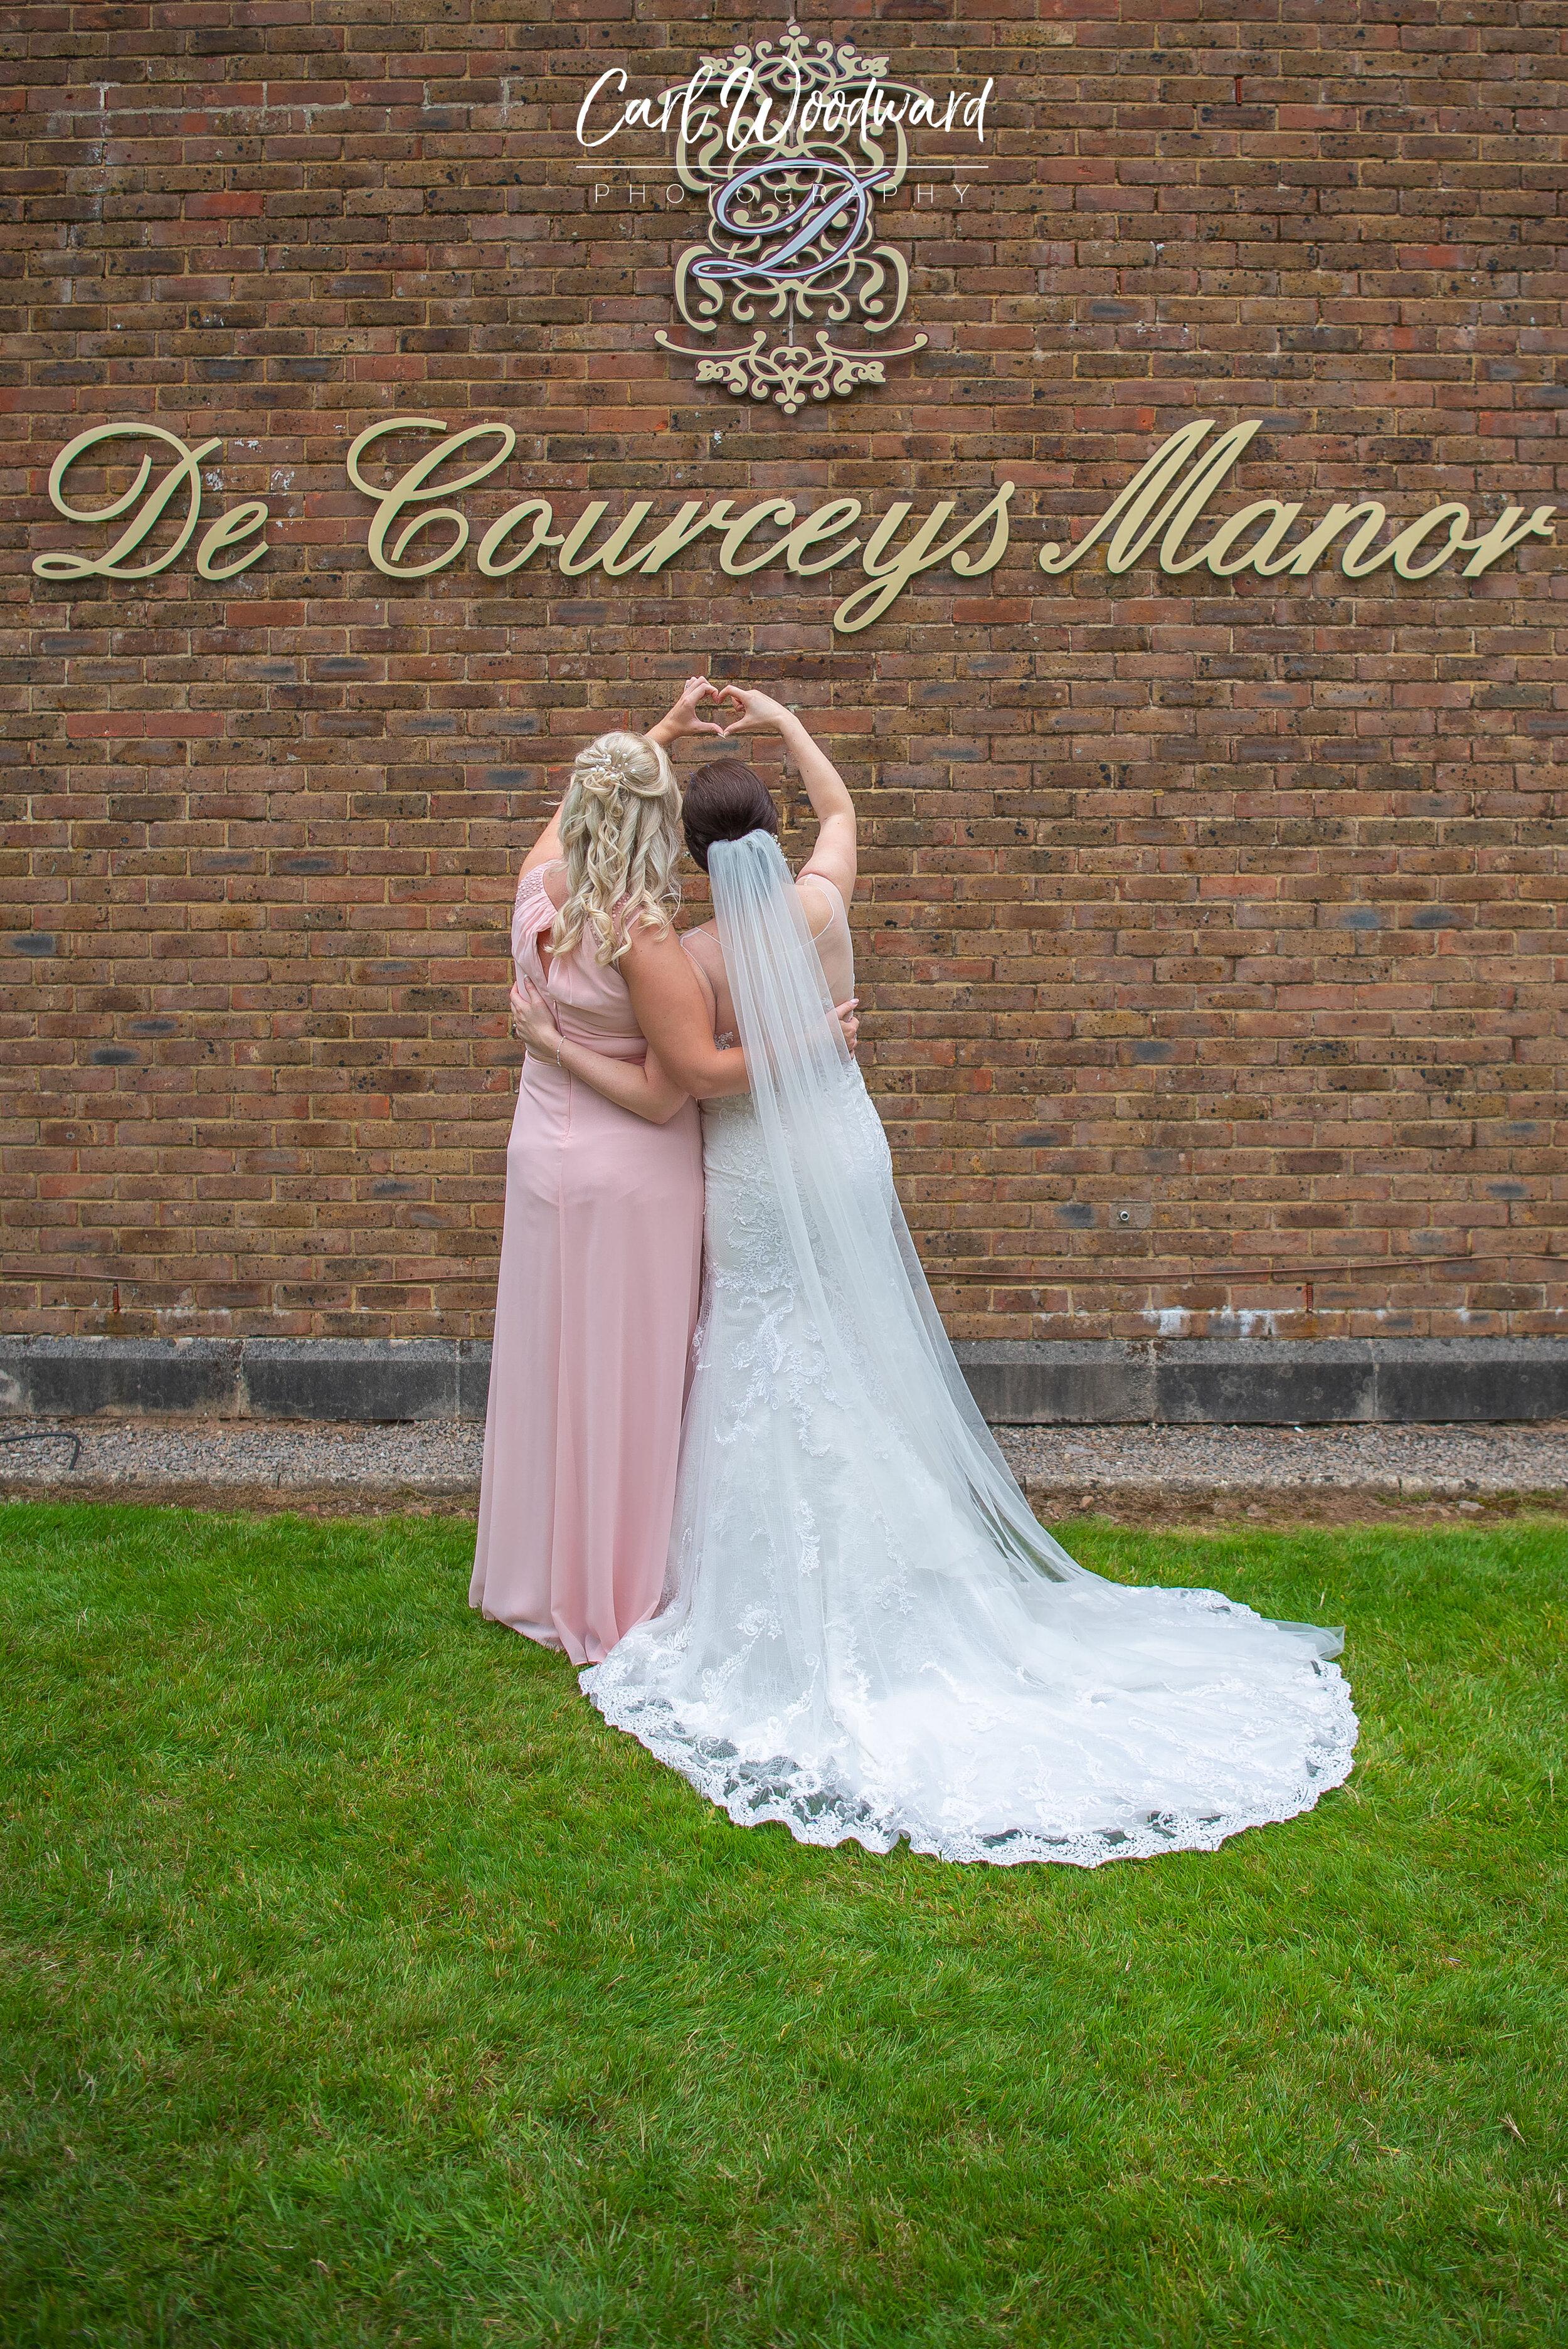 017-De-Courcesys-Manor-Weddings.jpg